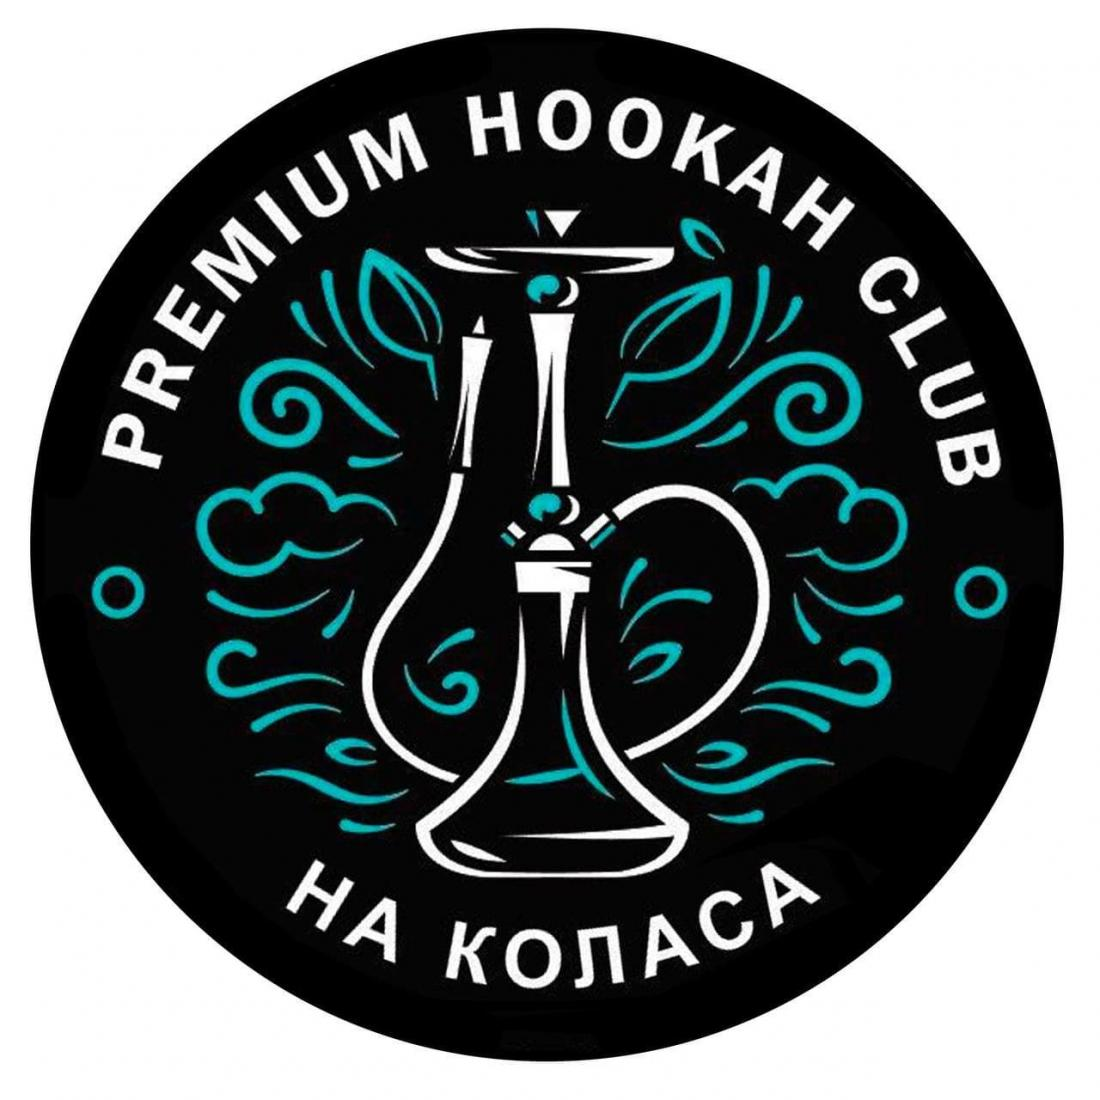 """Мороженое, лимонады от 3,50 руб, кальяны от 17,50 руб. в """"Premium hookah club lounge"""" на Коласа"""